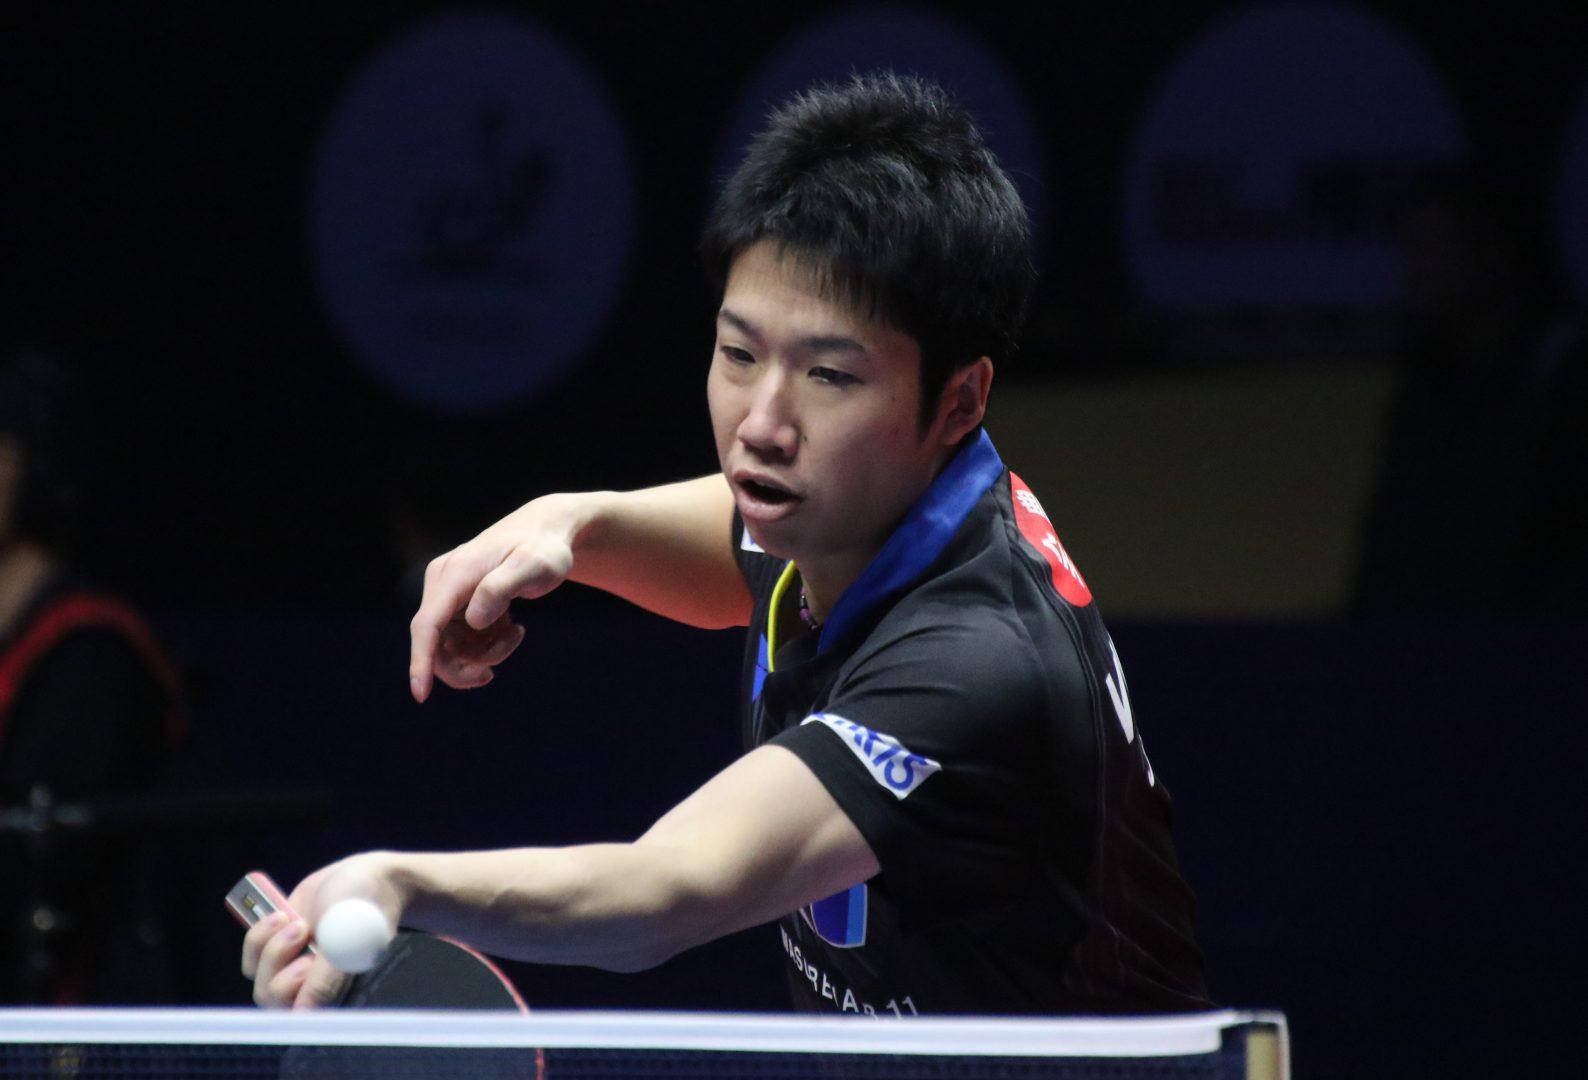 水谷隼、卓球東京五輪代表3枠目 倉嶋監督「団体戦に強さを発揮できる選手」